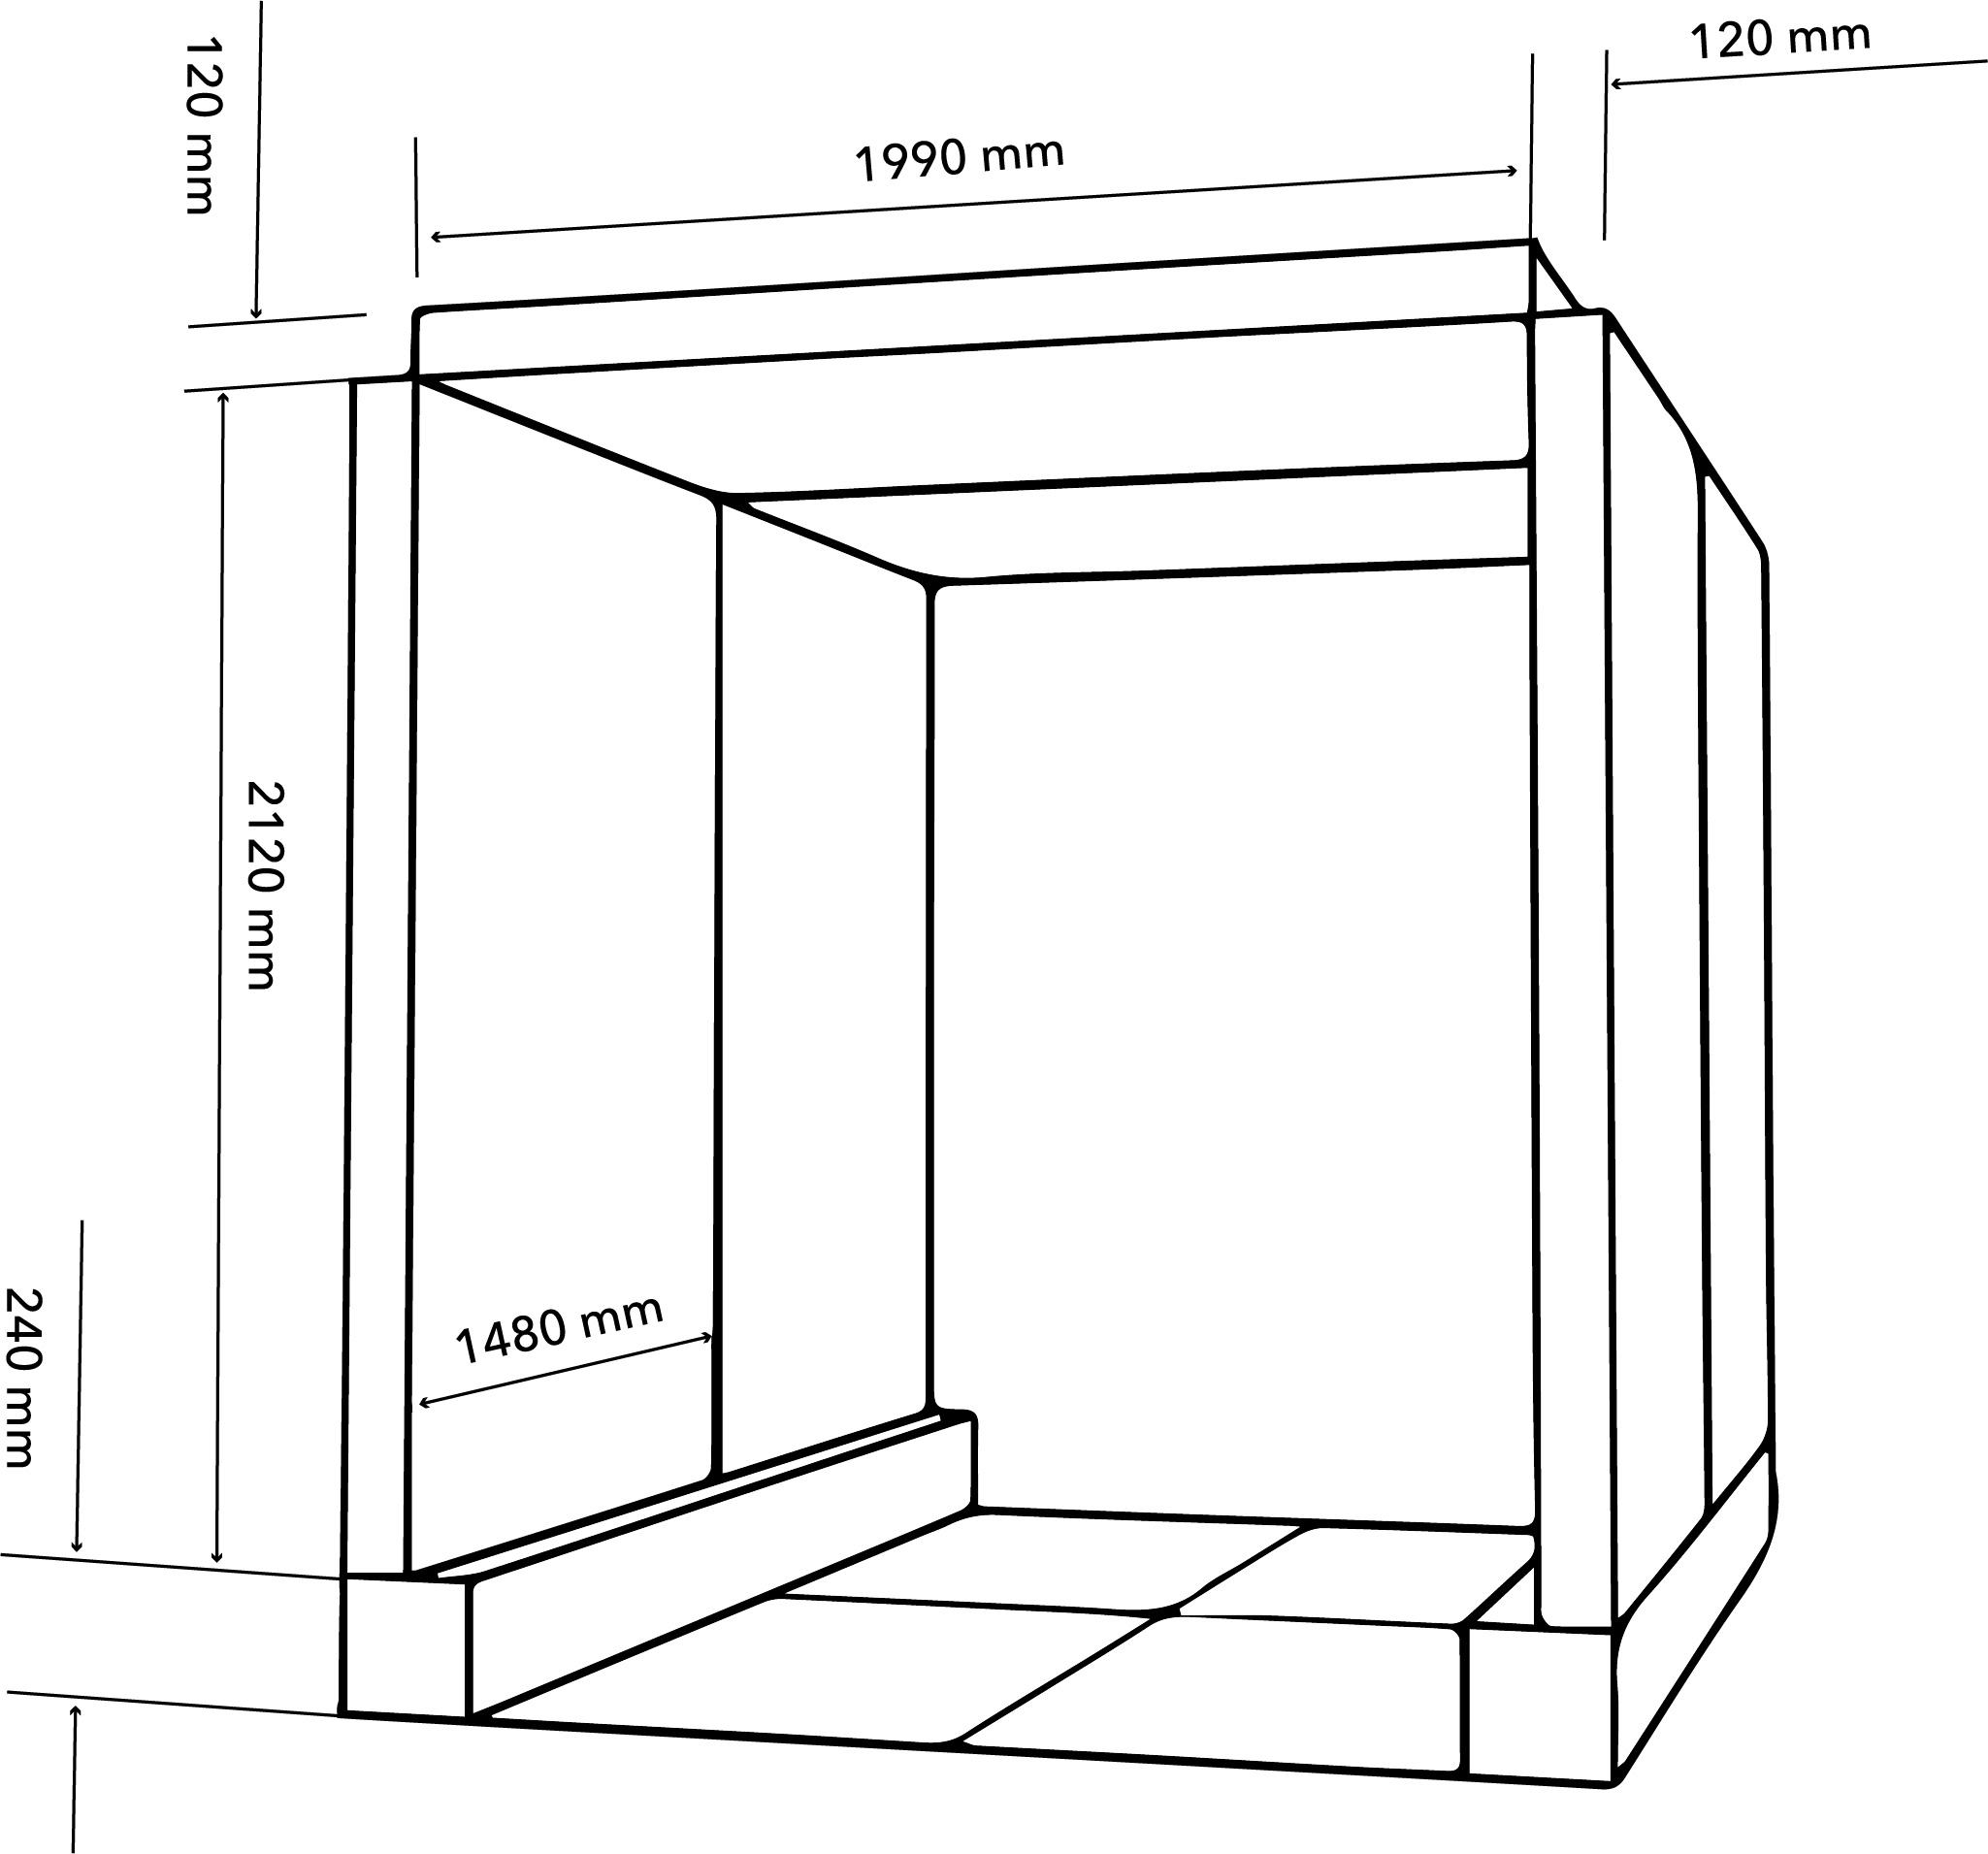 Zeichnung eines Leuchrahmen Konzepts für ein Architekturbüro